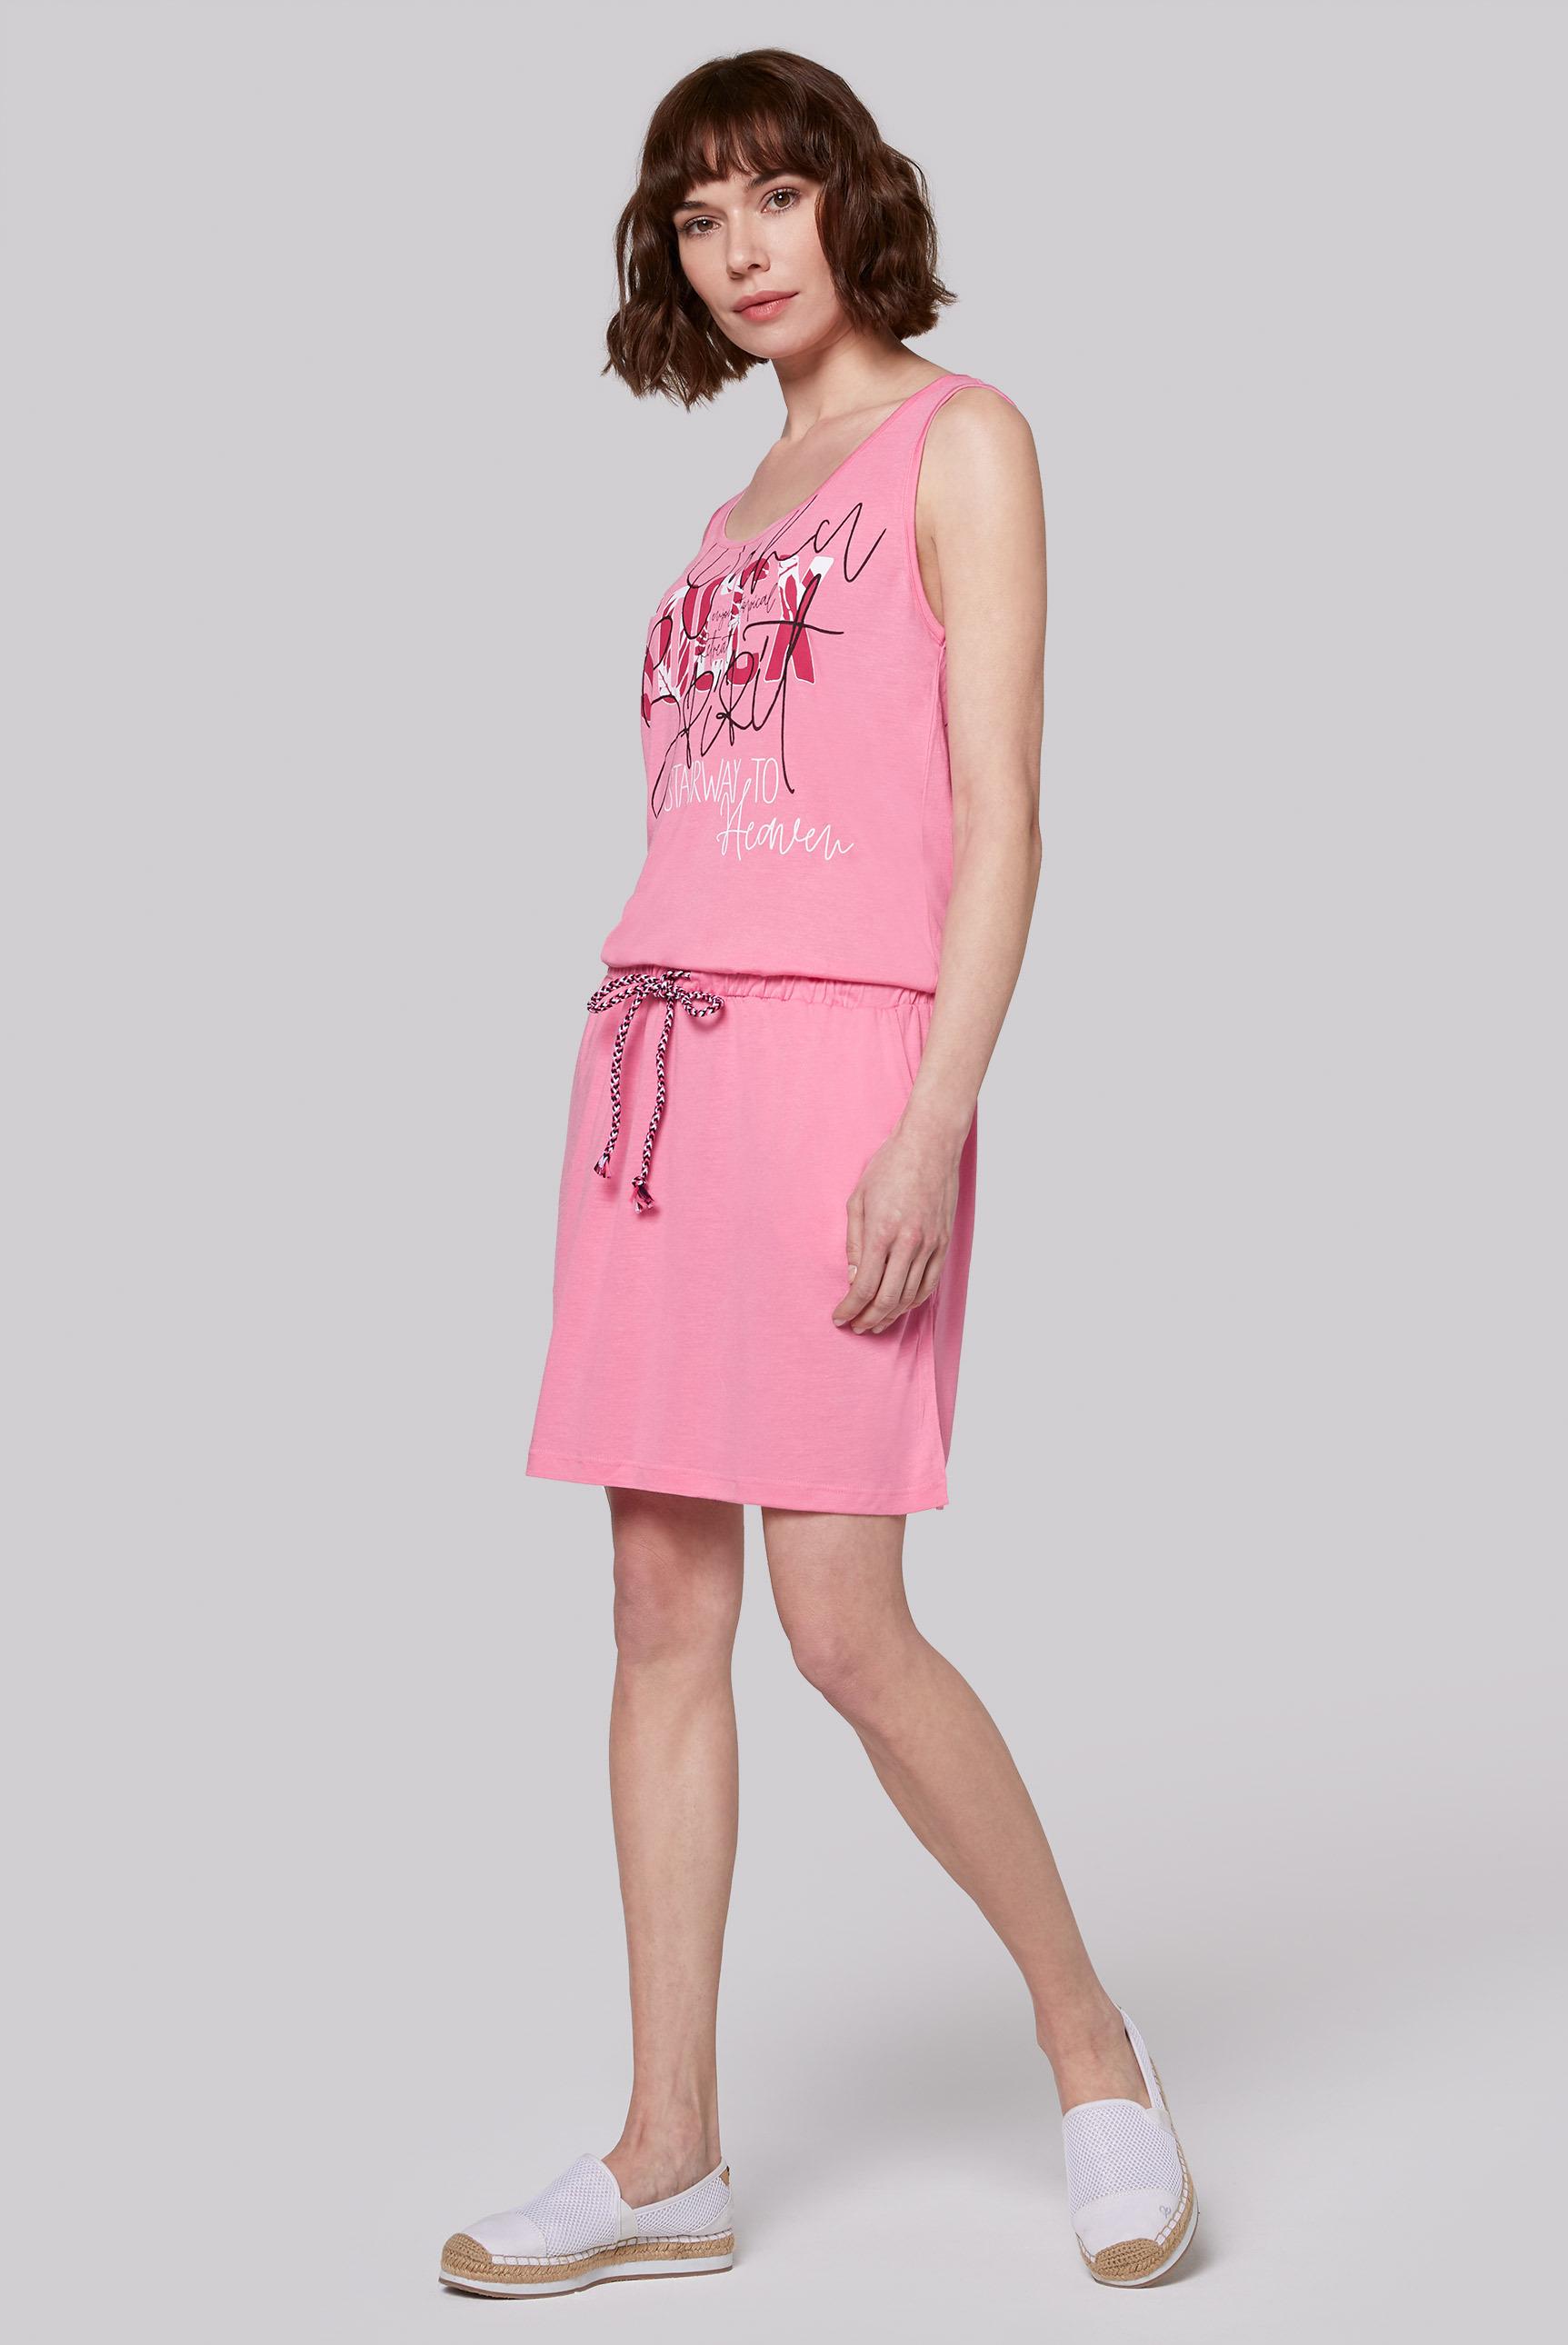 Kleid mit Artwork und Taillengummizug